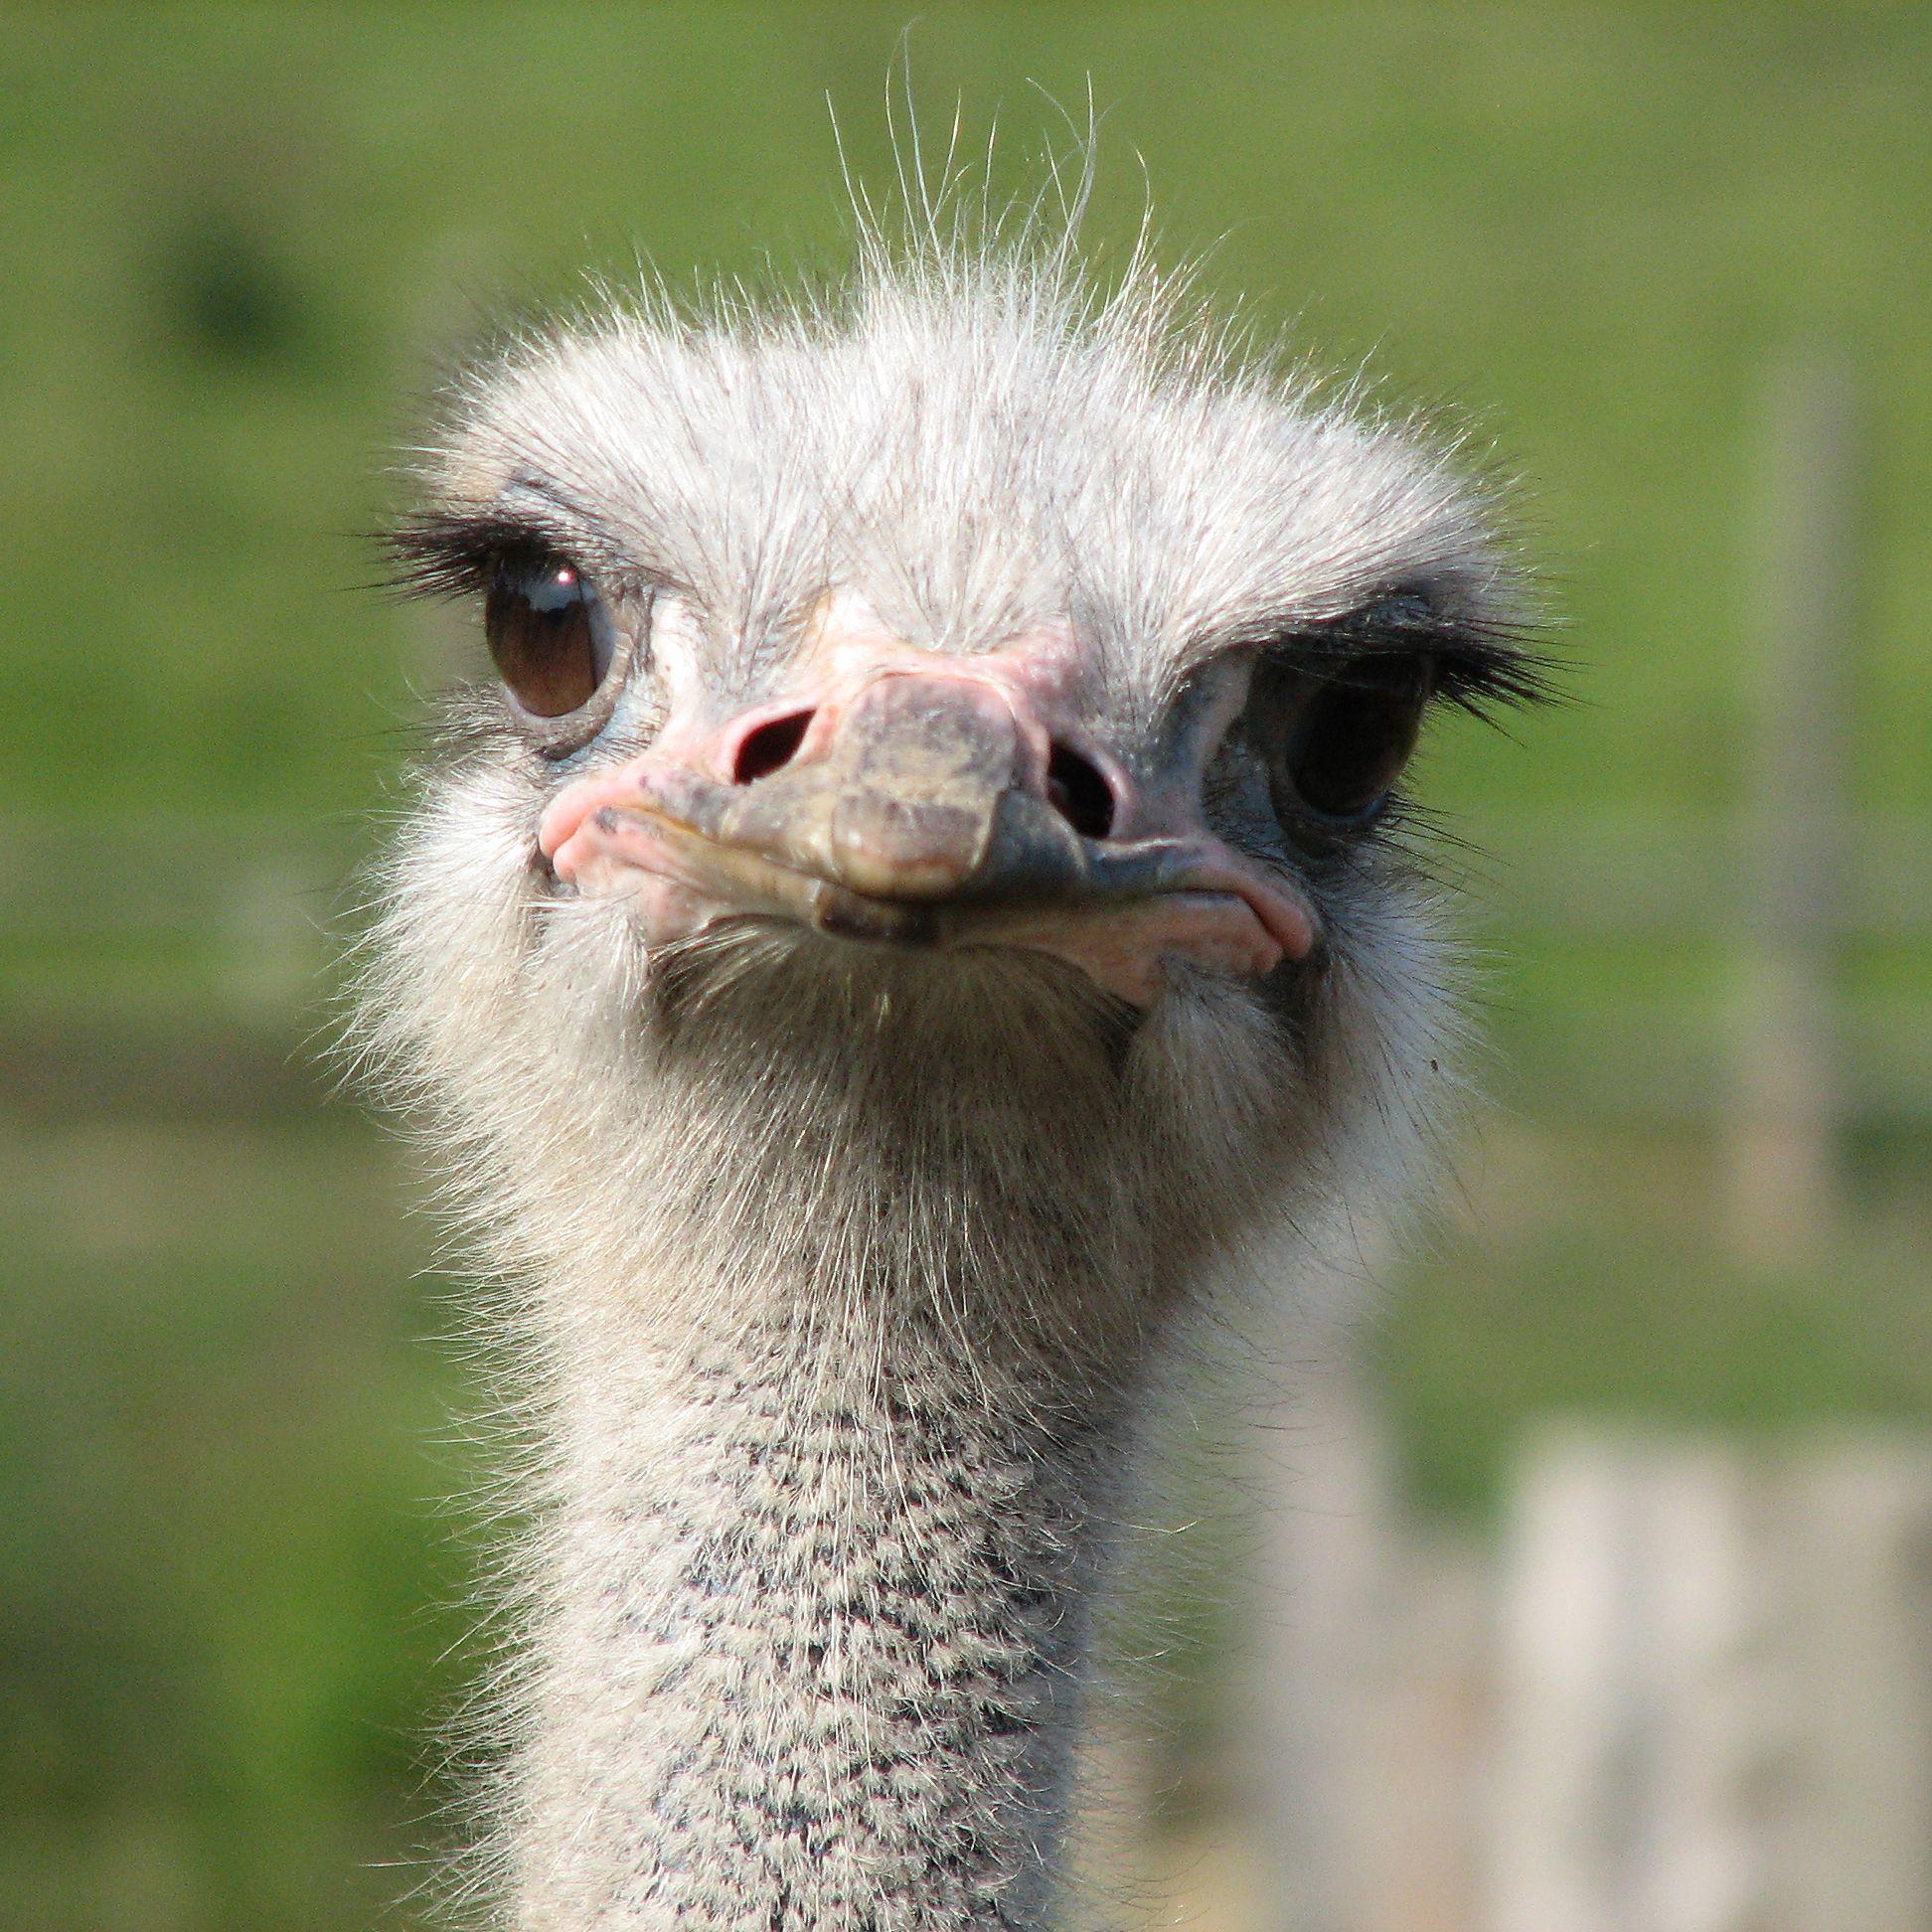 حيوانات المرسال Ostriches-dont-hide-